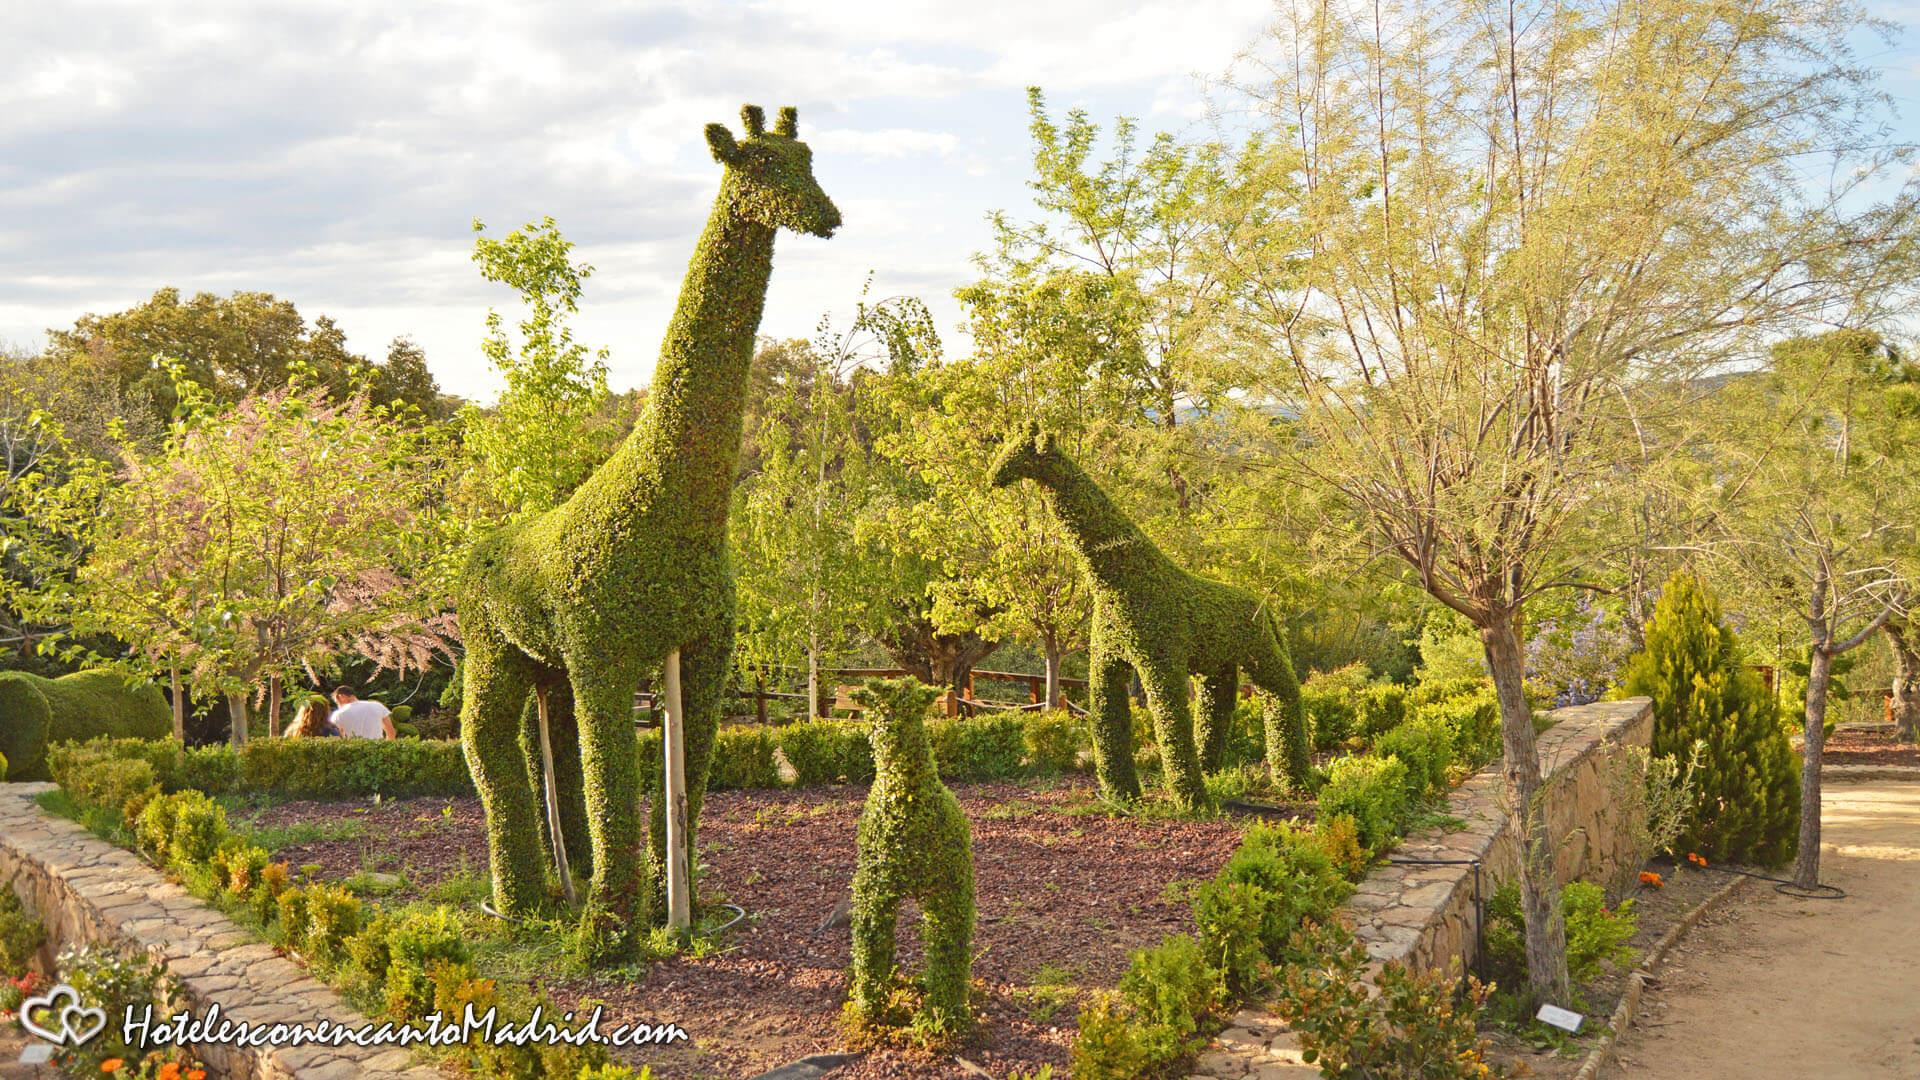 El Bosque encantado de Madrid - un jardin con figuras de setos